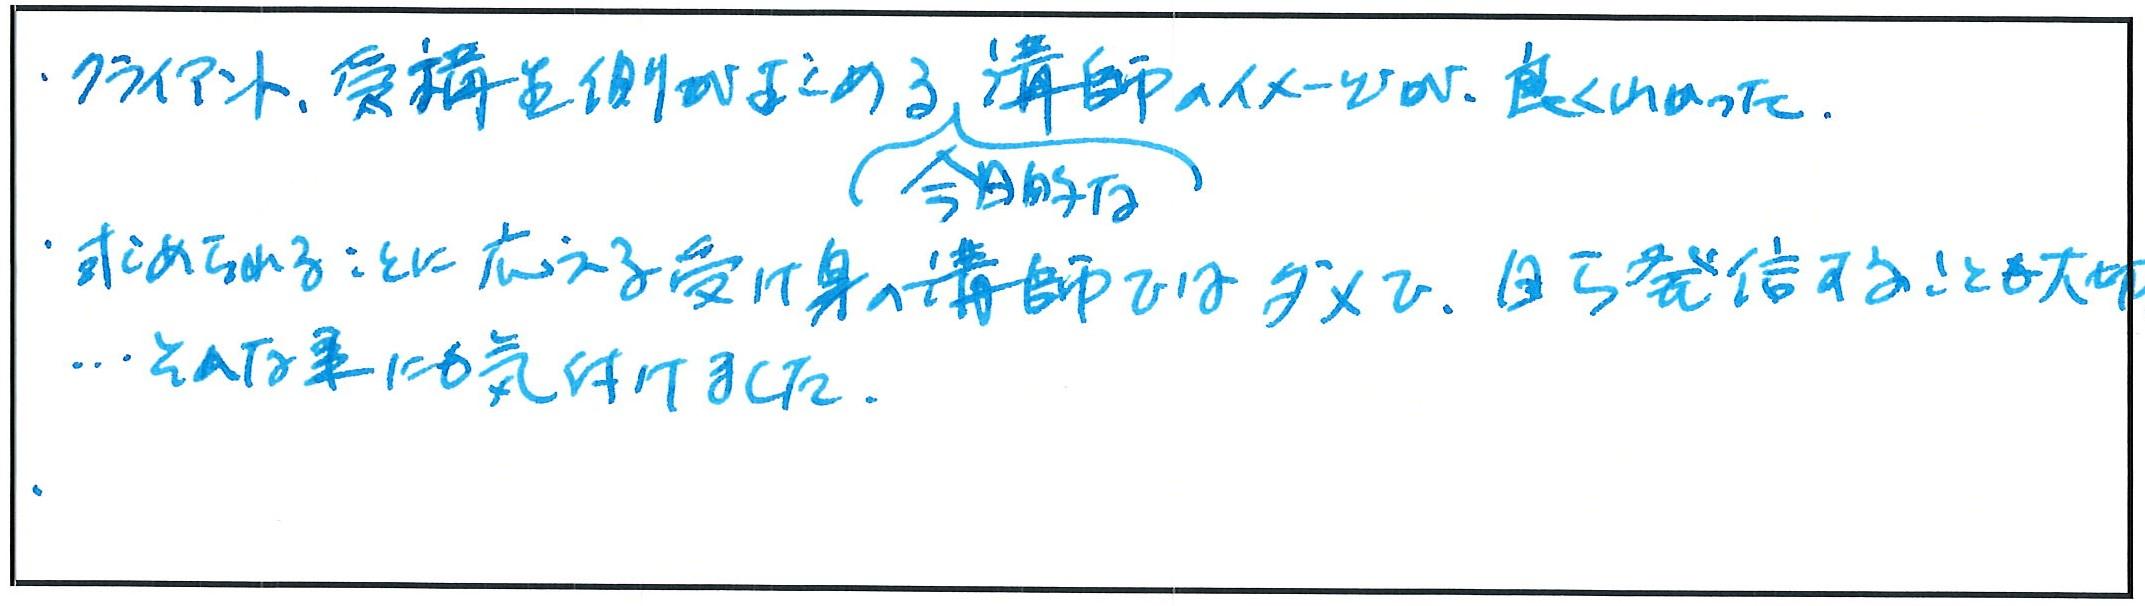 名前OK中川 (2)